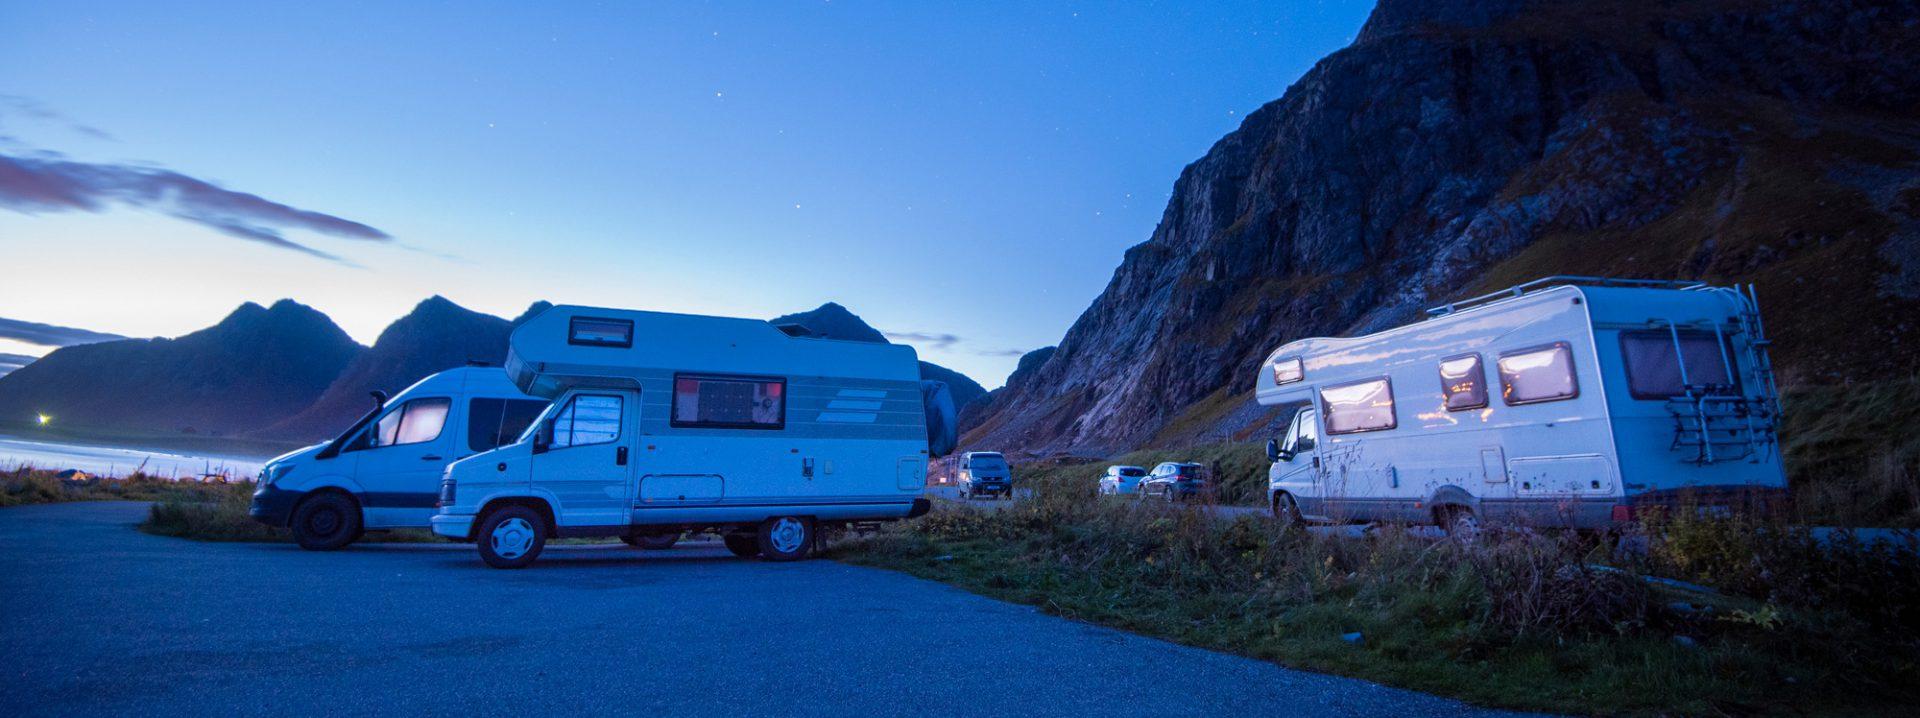 Caravans at dusk